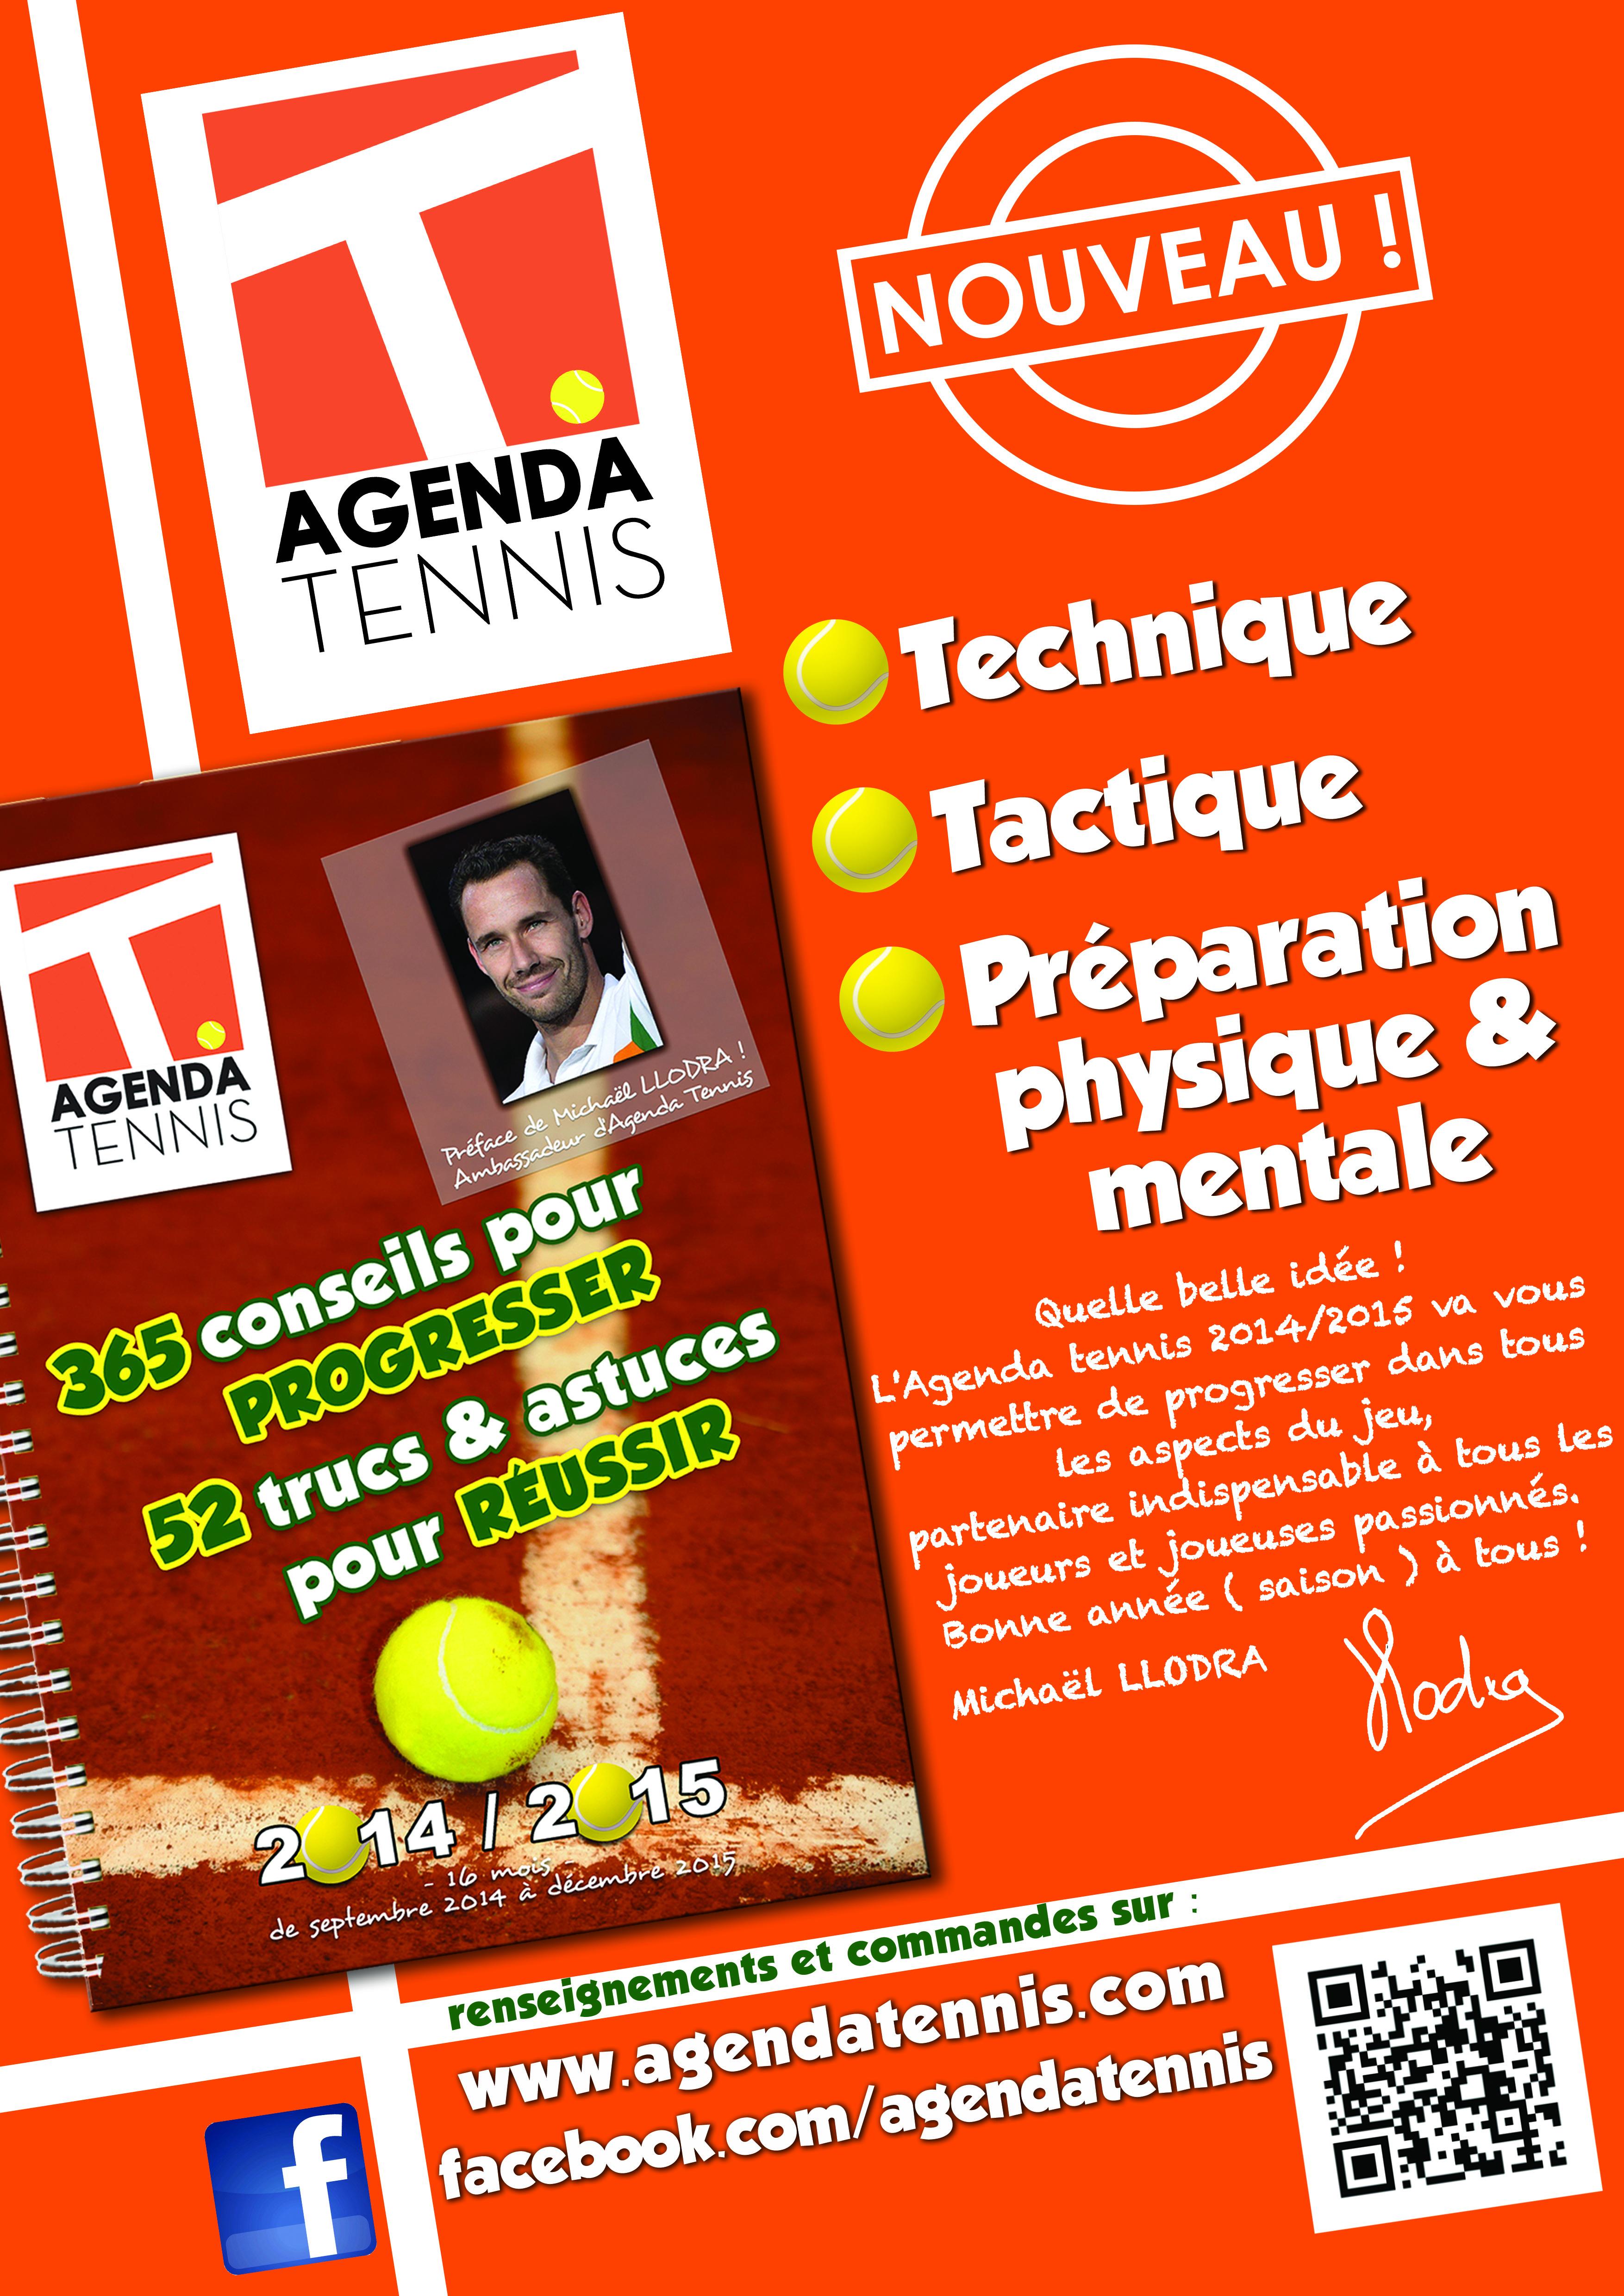 image agenda tennis